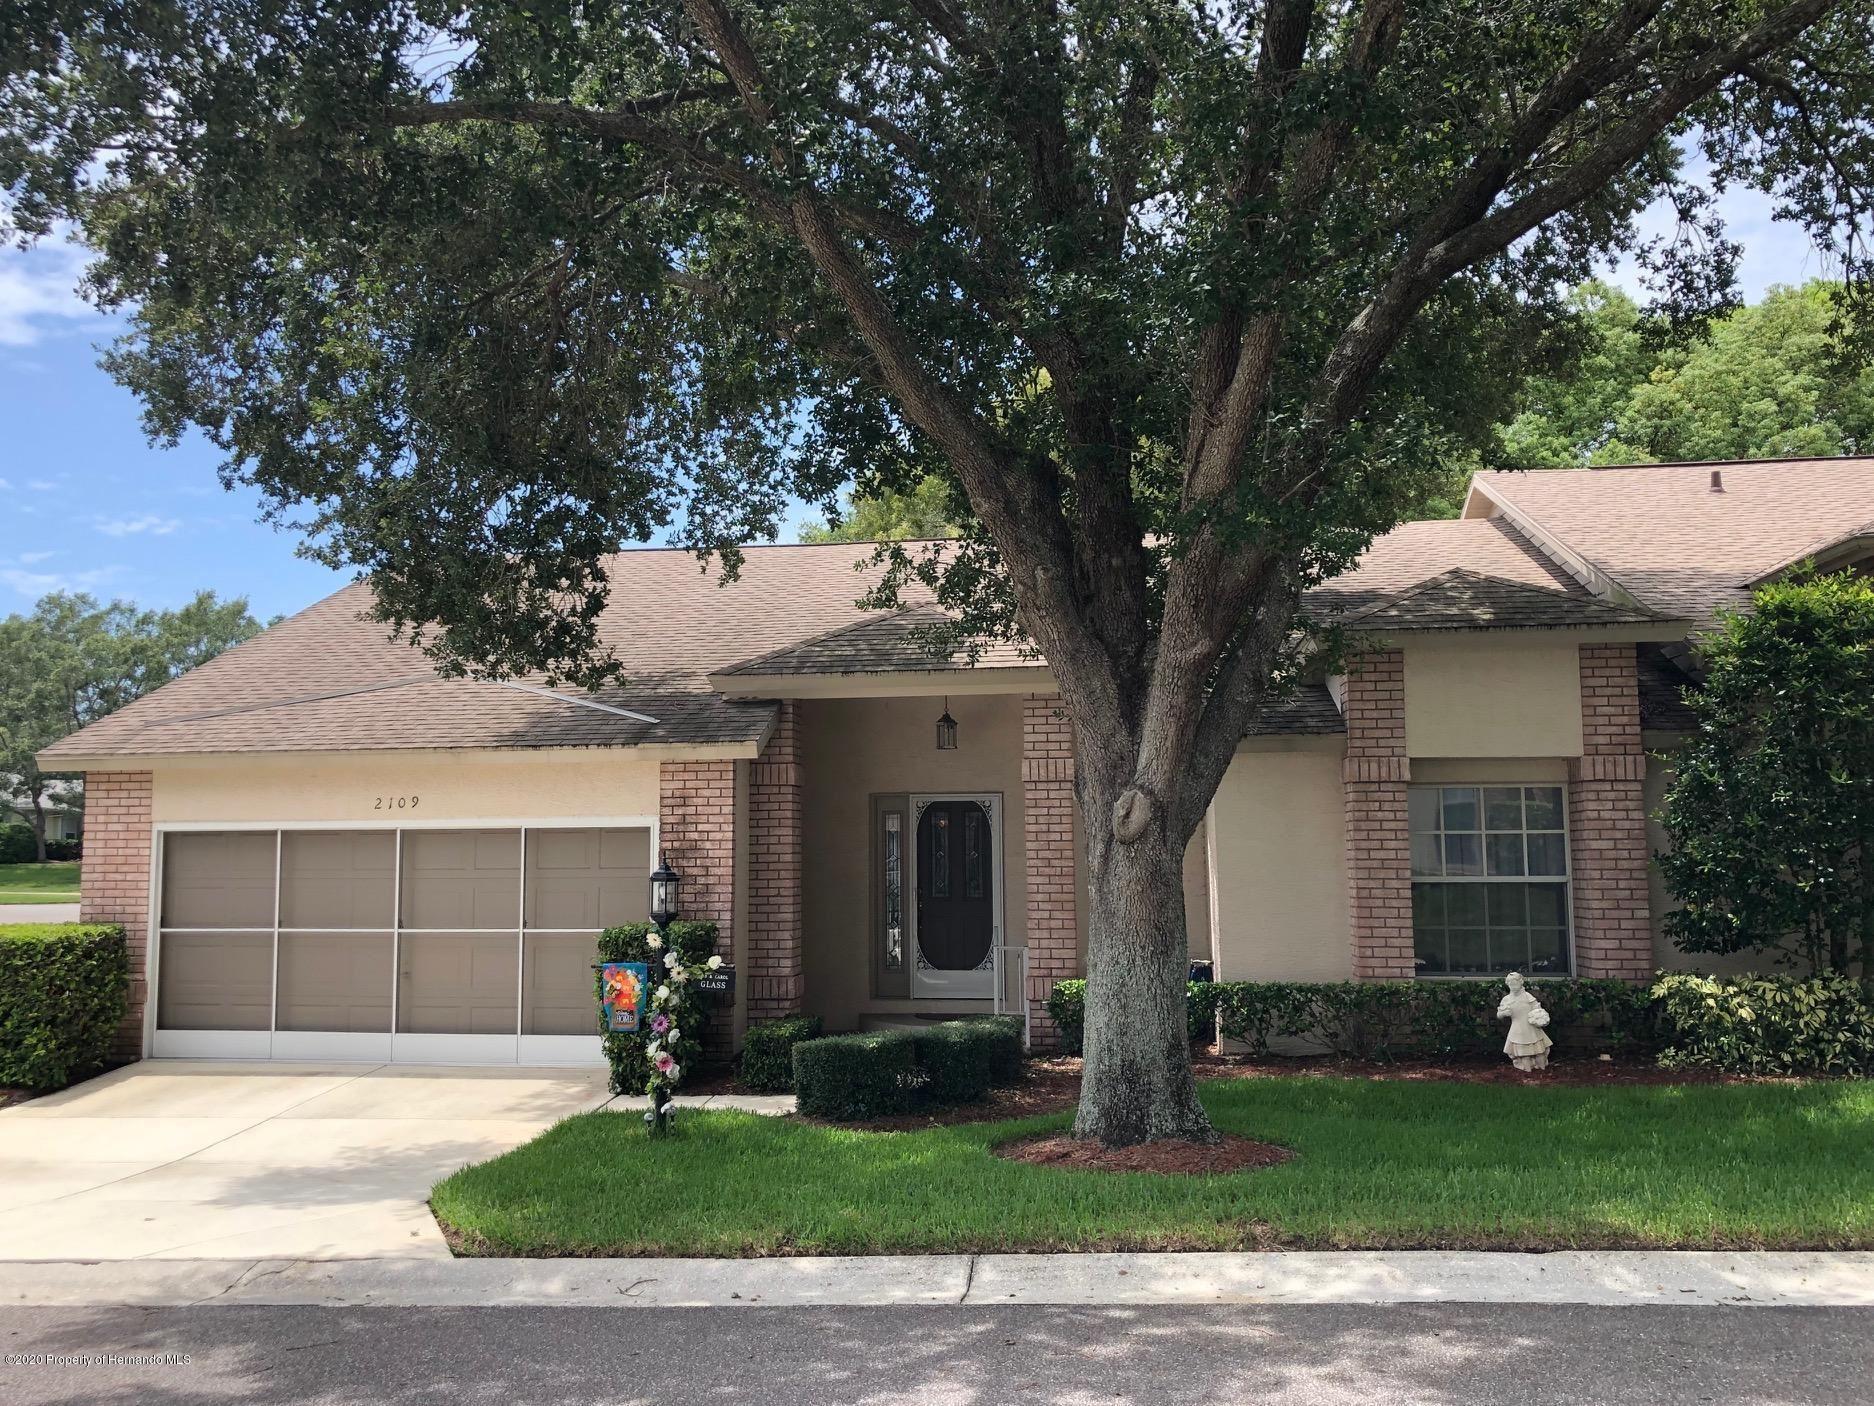 2109 Springmeadow Drive, Spring Hill, FL 34606 - MLS#: 2210807